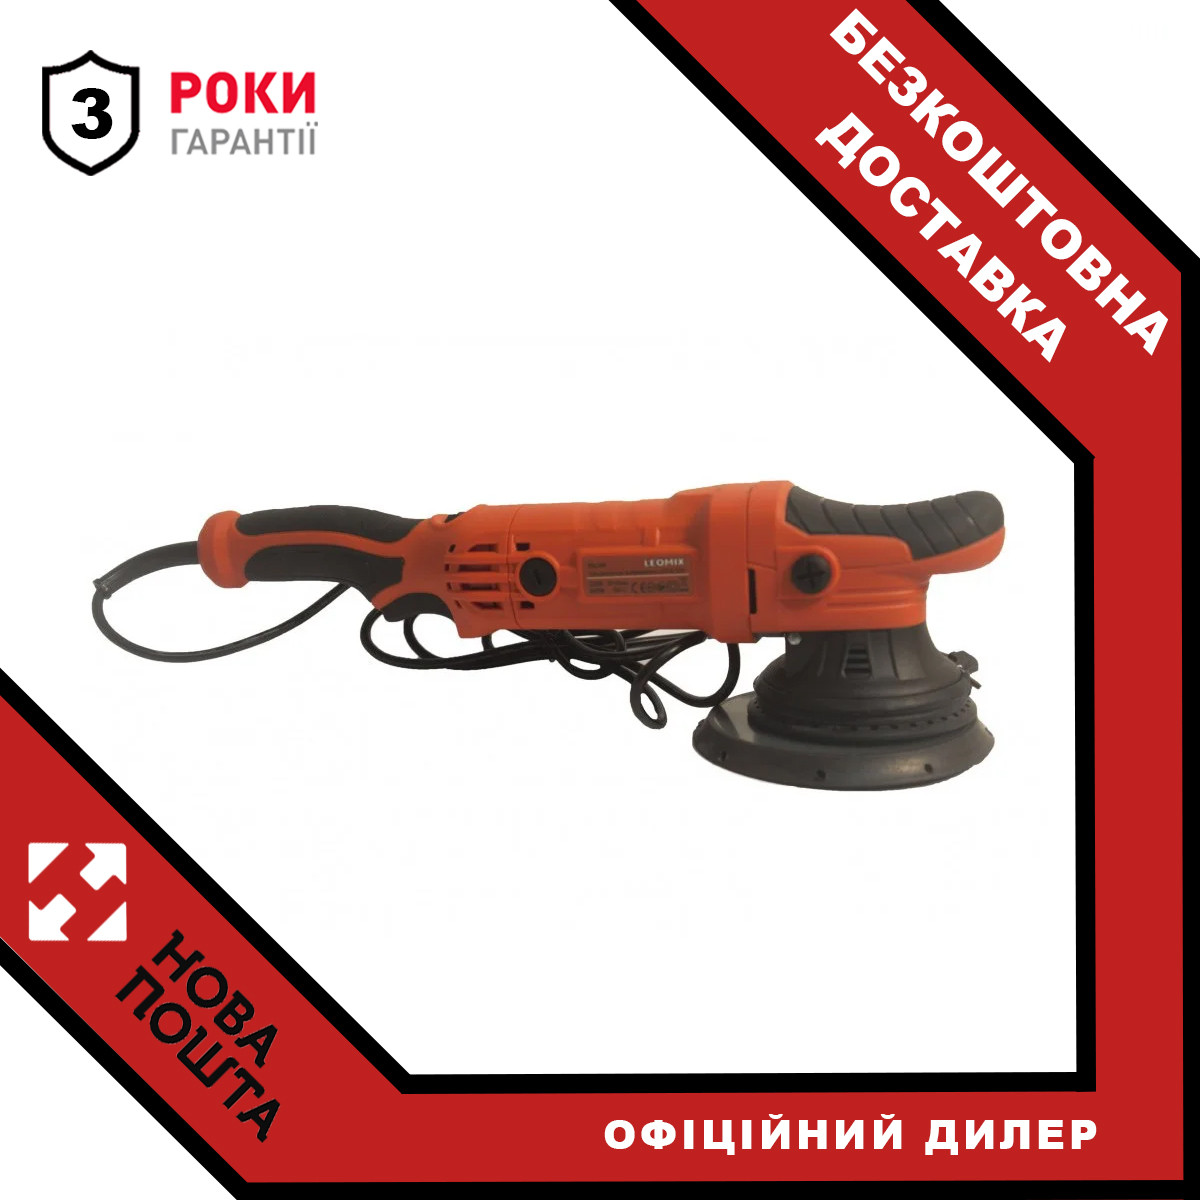 Полировальная машинка LEOMIX LPX-9/150